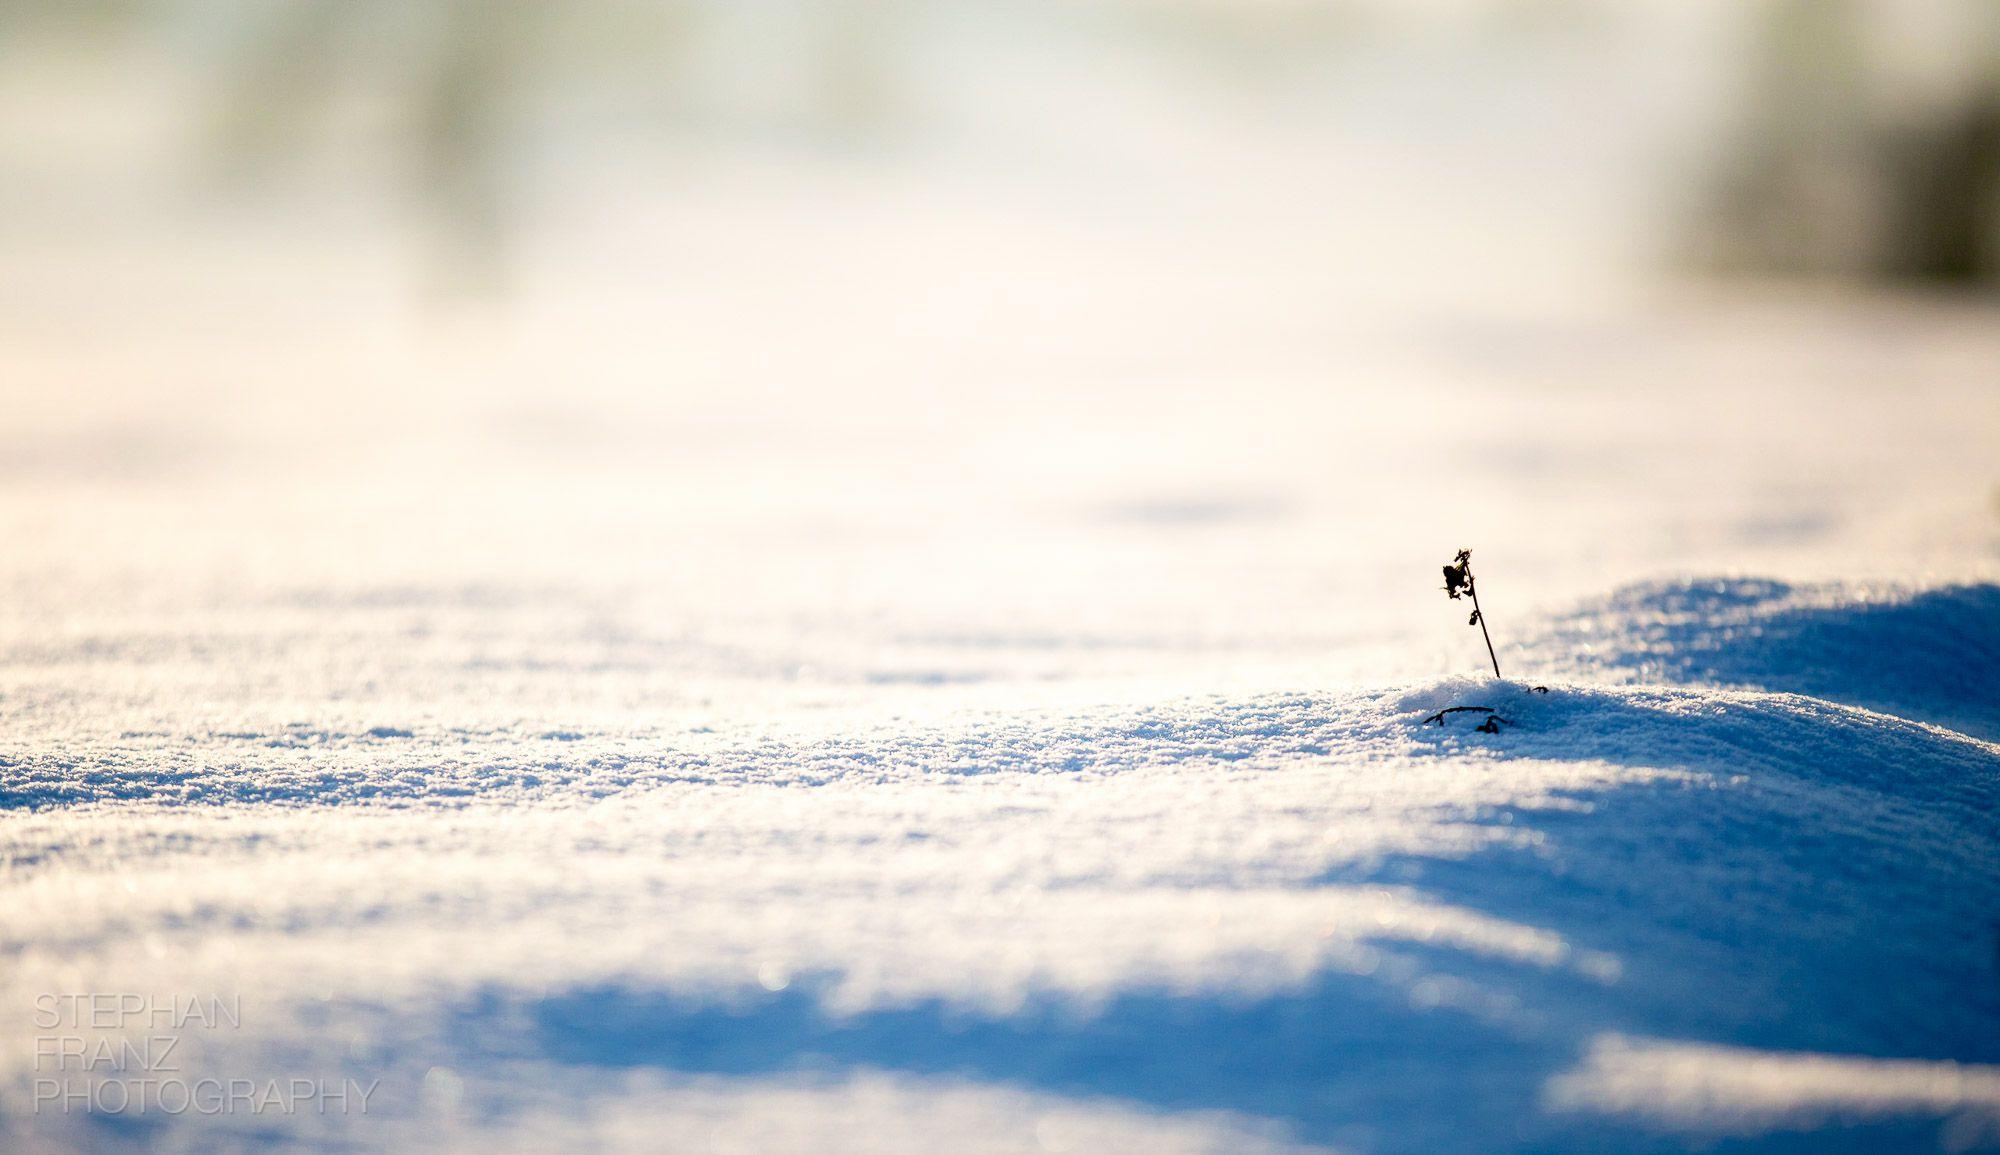 Winterspaziergang mit Angela in Beyharting bei Tuntenhausen im Alpenvorland in Bayern - Fotograf Stephan Franz Photography aus Rosenheim-4